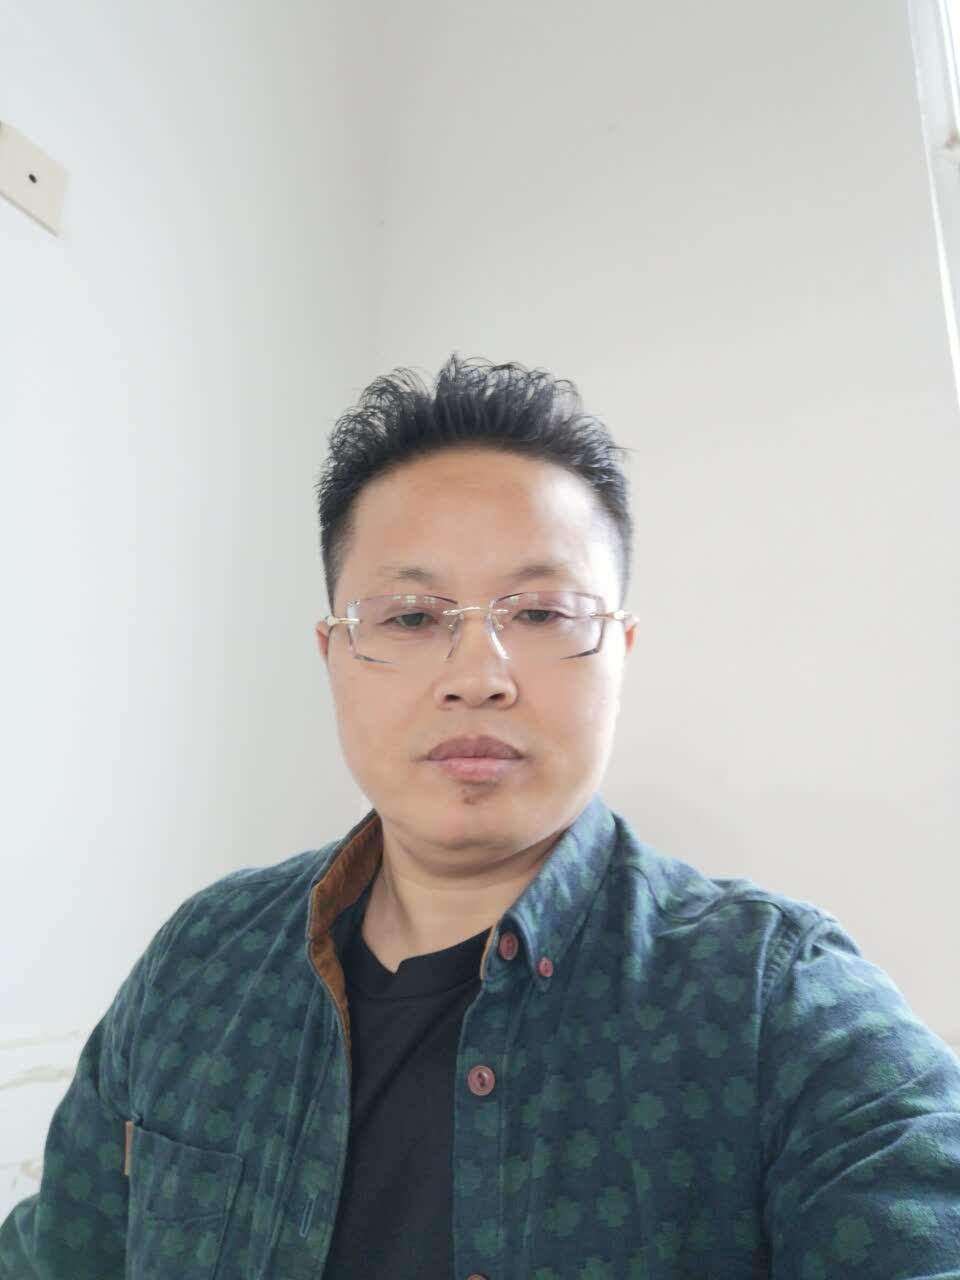 上海家教刘老师